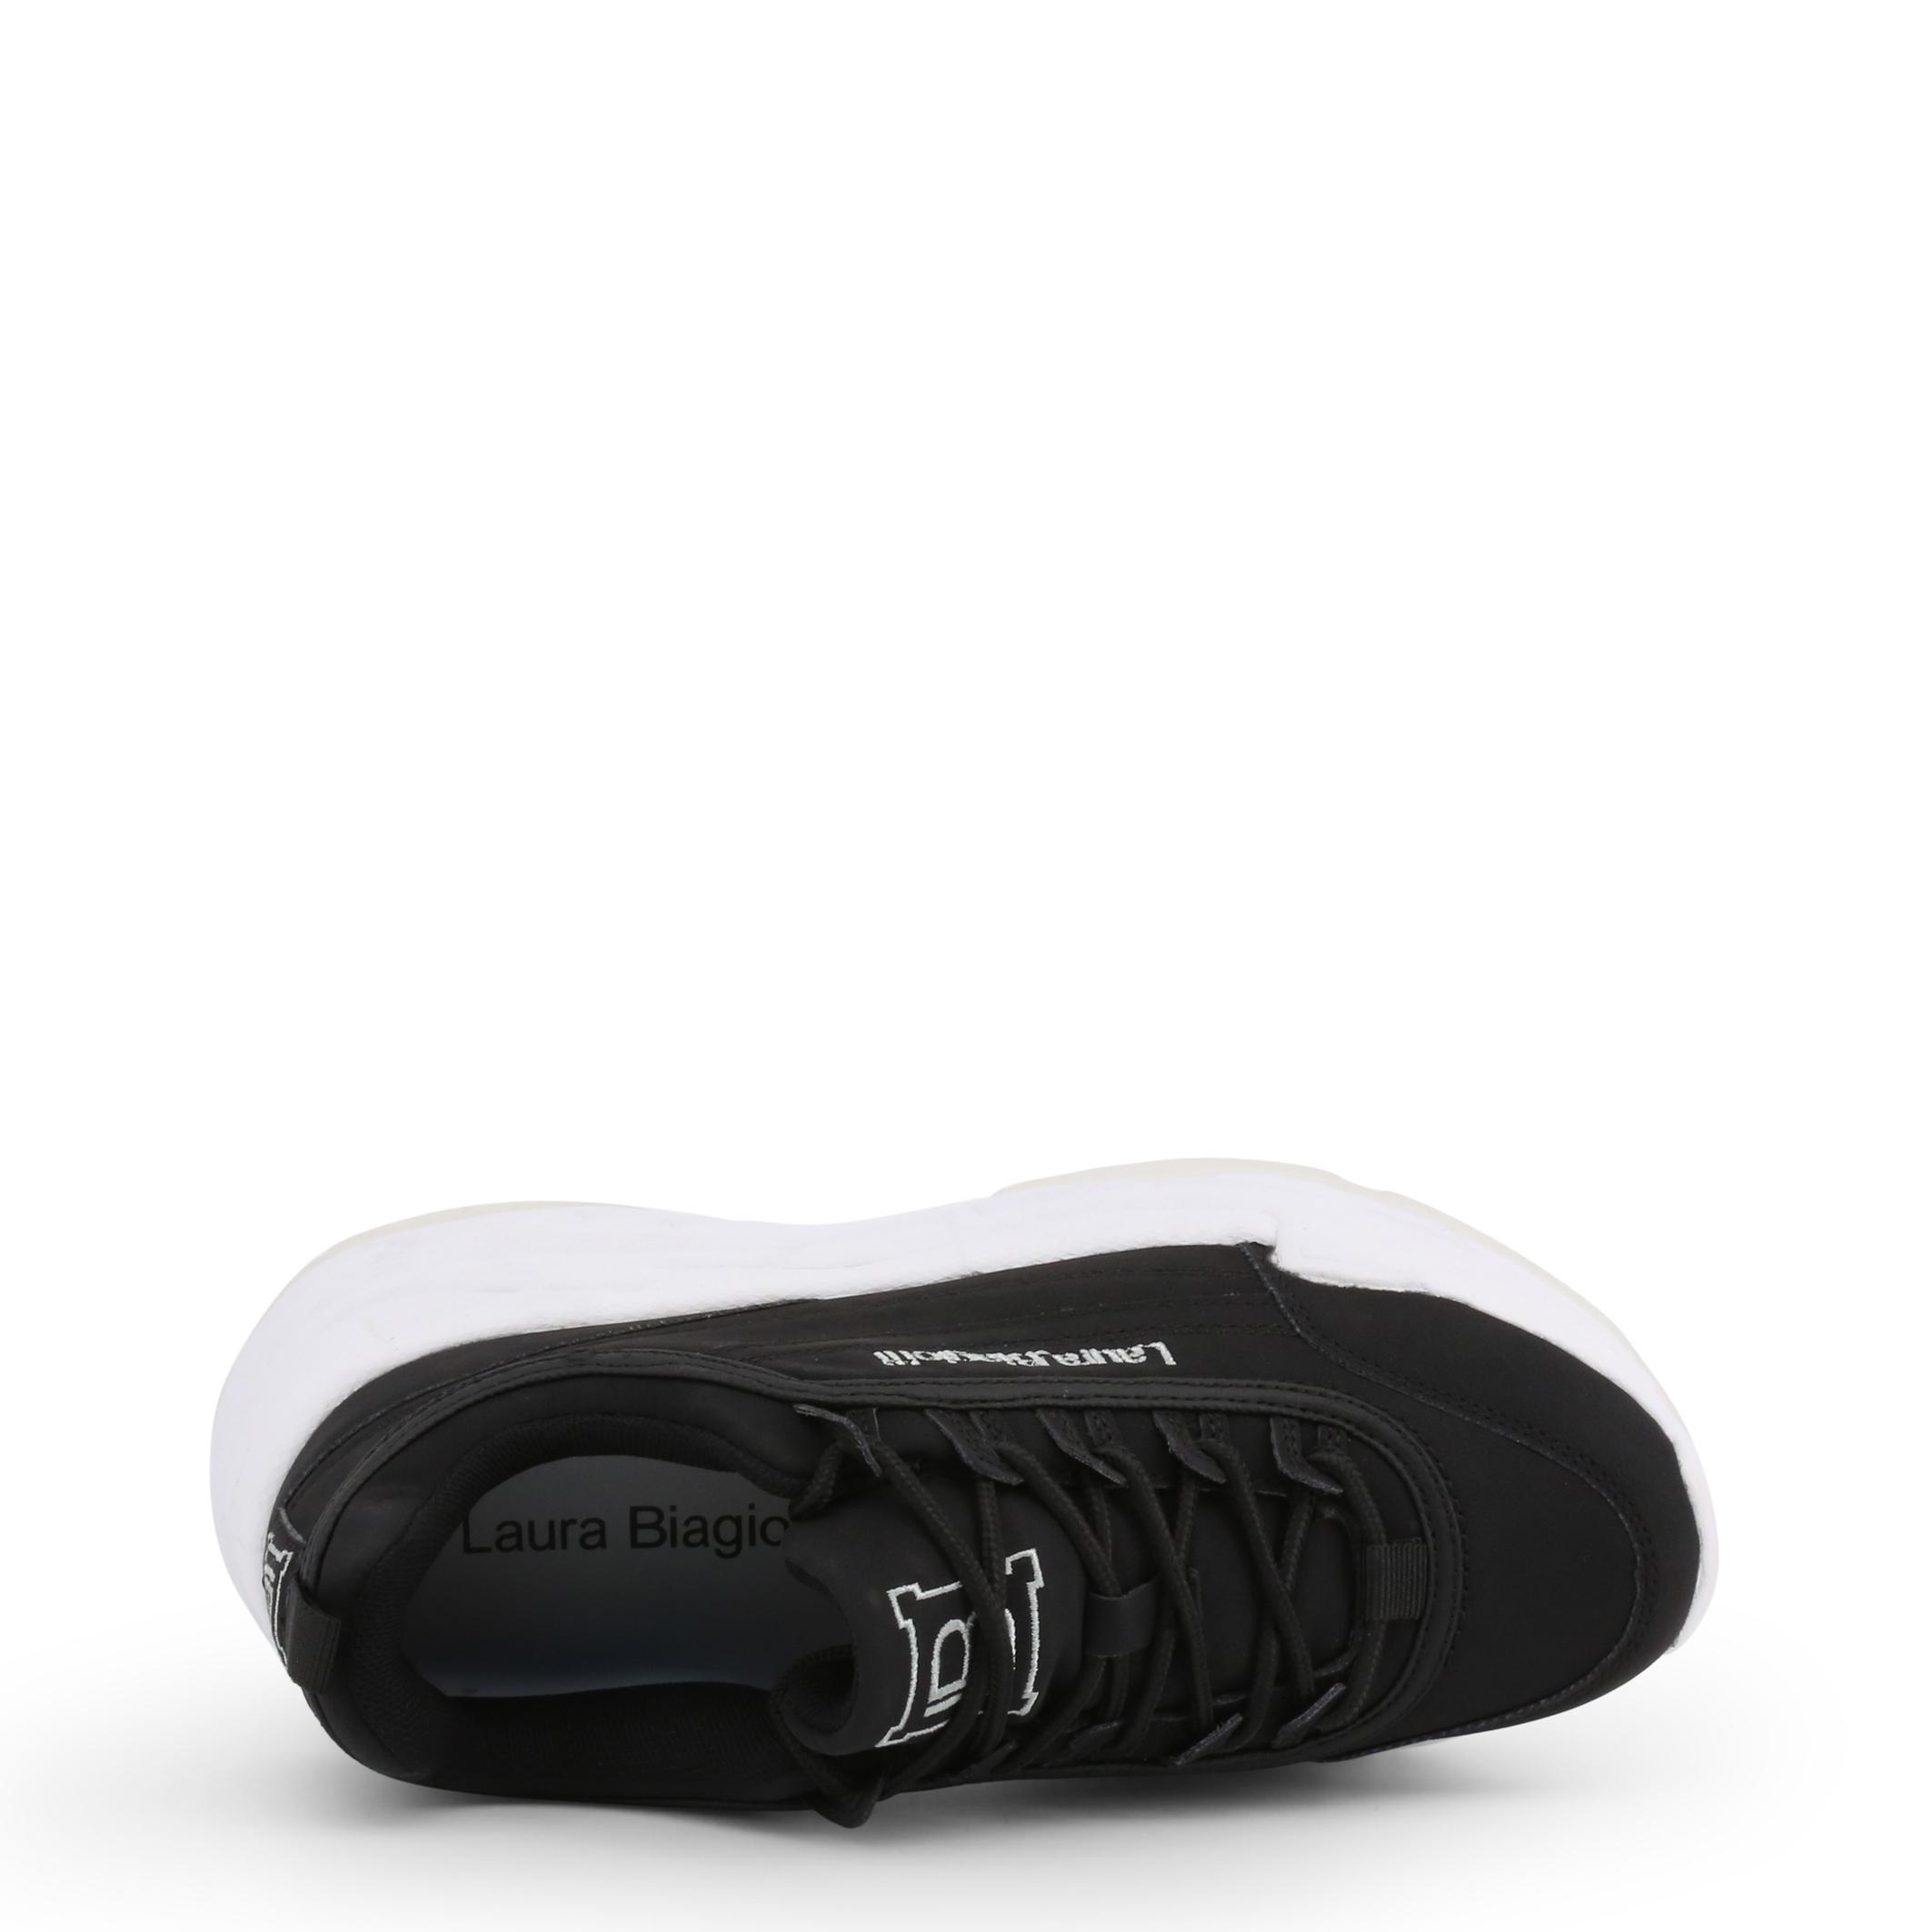 Sneakers-Laura-Biagiotti-5714-19-Donna-Nero-102414 miniatura 3